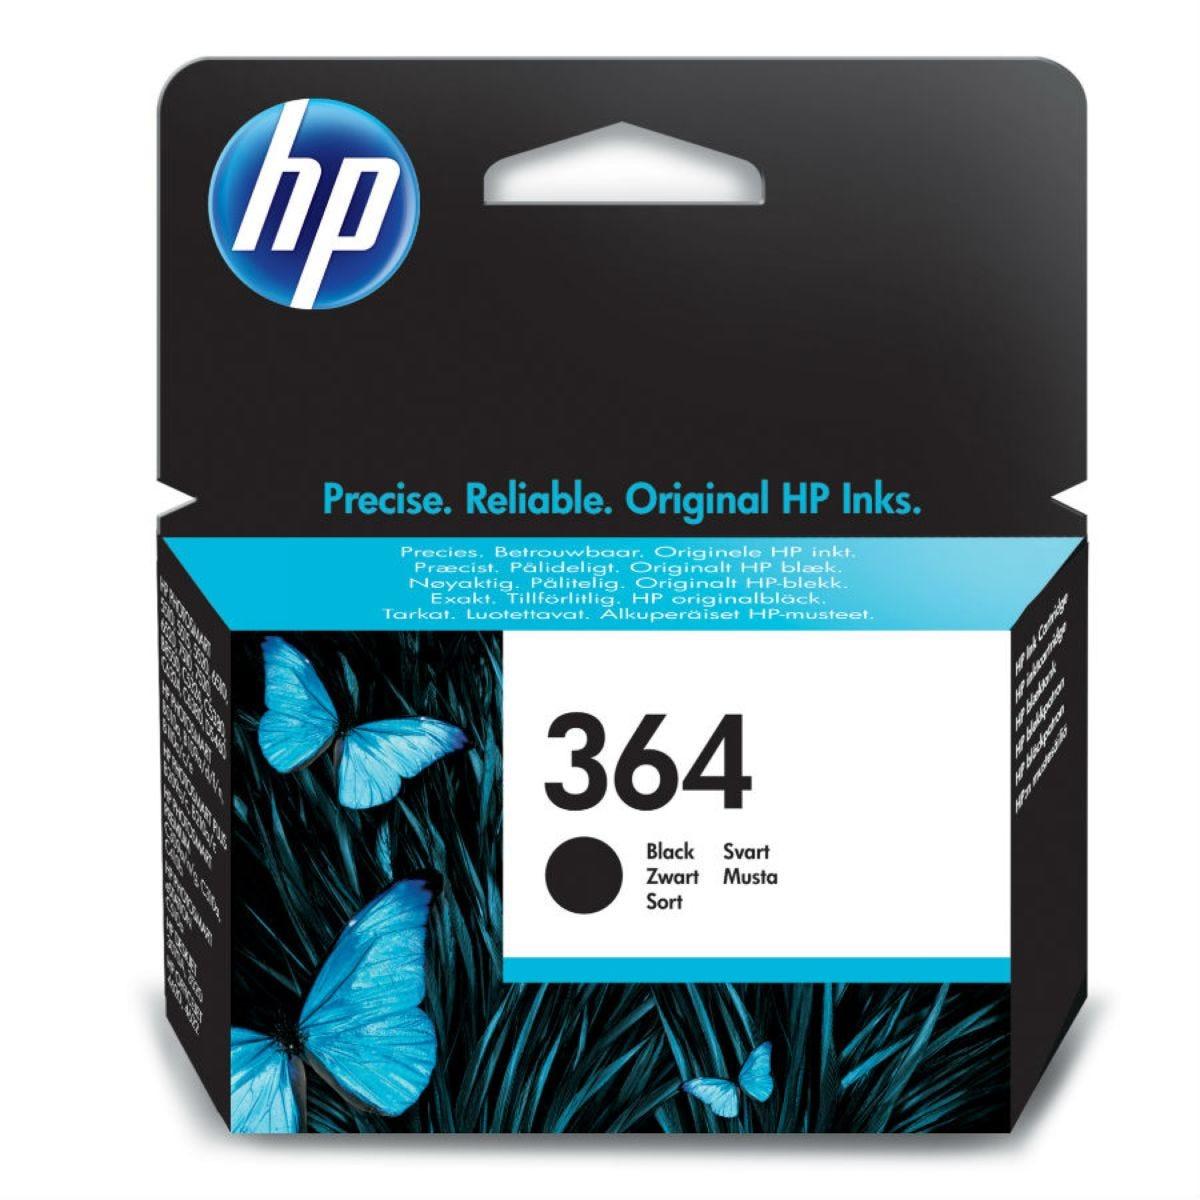 HP Hewlett-Packard 364 InkJet Cartridge - Black